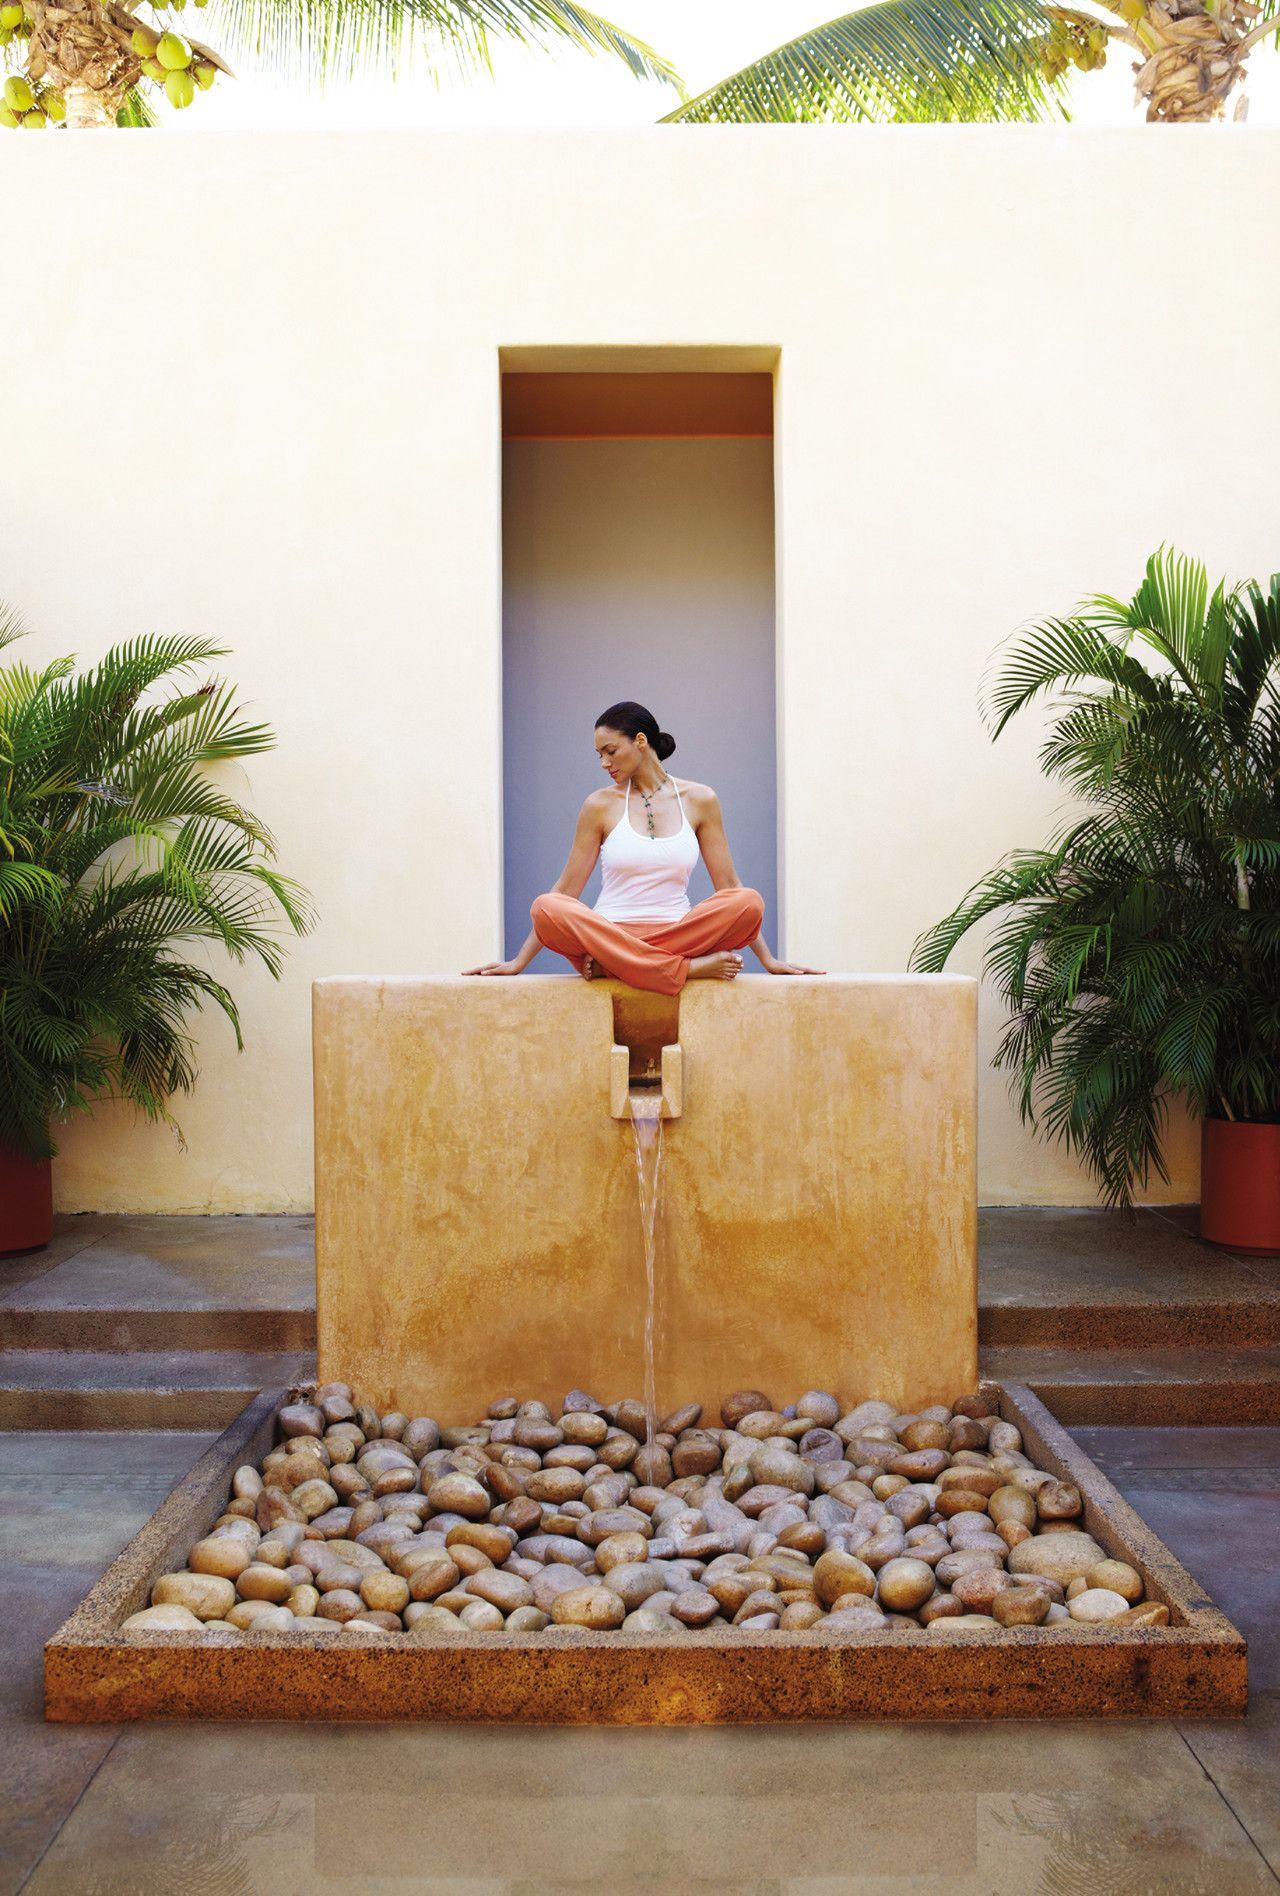 /Volumes/RussoDrobo/Four Seasons, Punta Mita/Output/Ann's Usage/Image Library/.PuntaMita_4376.tif